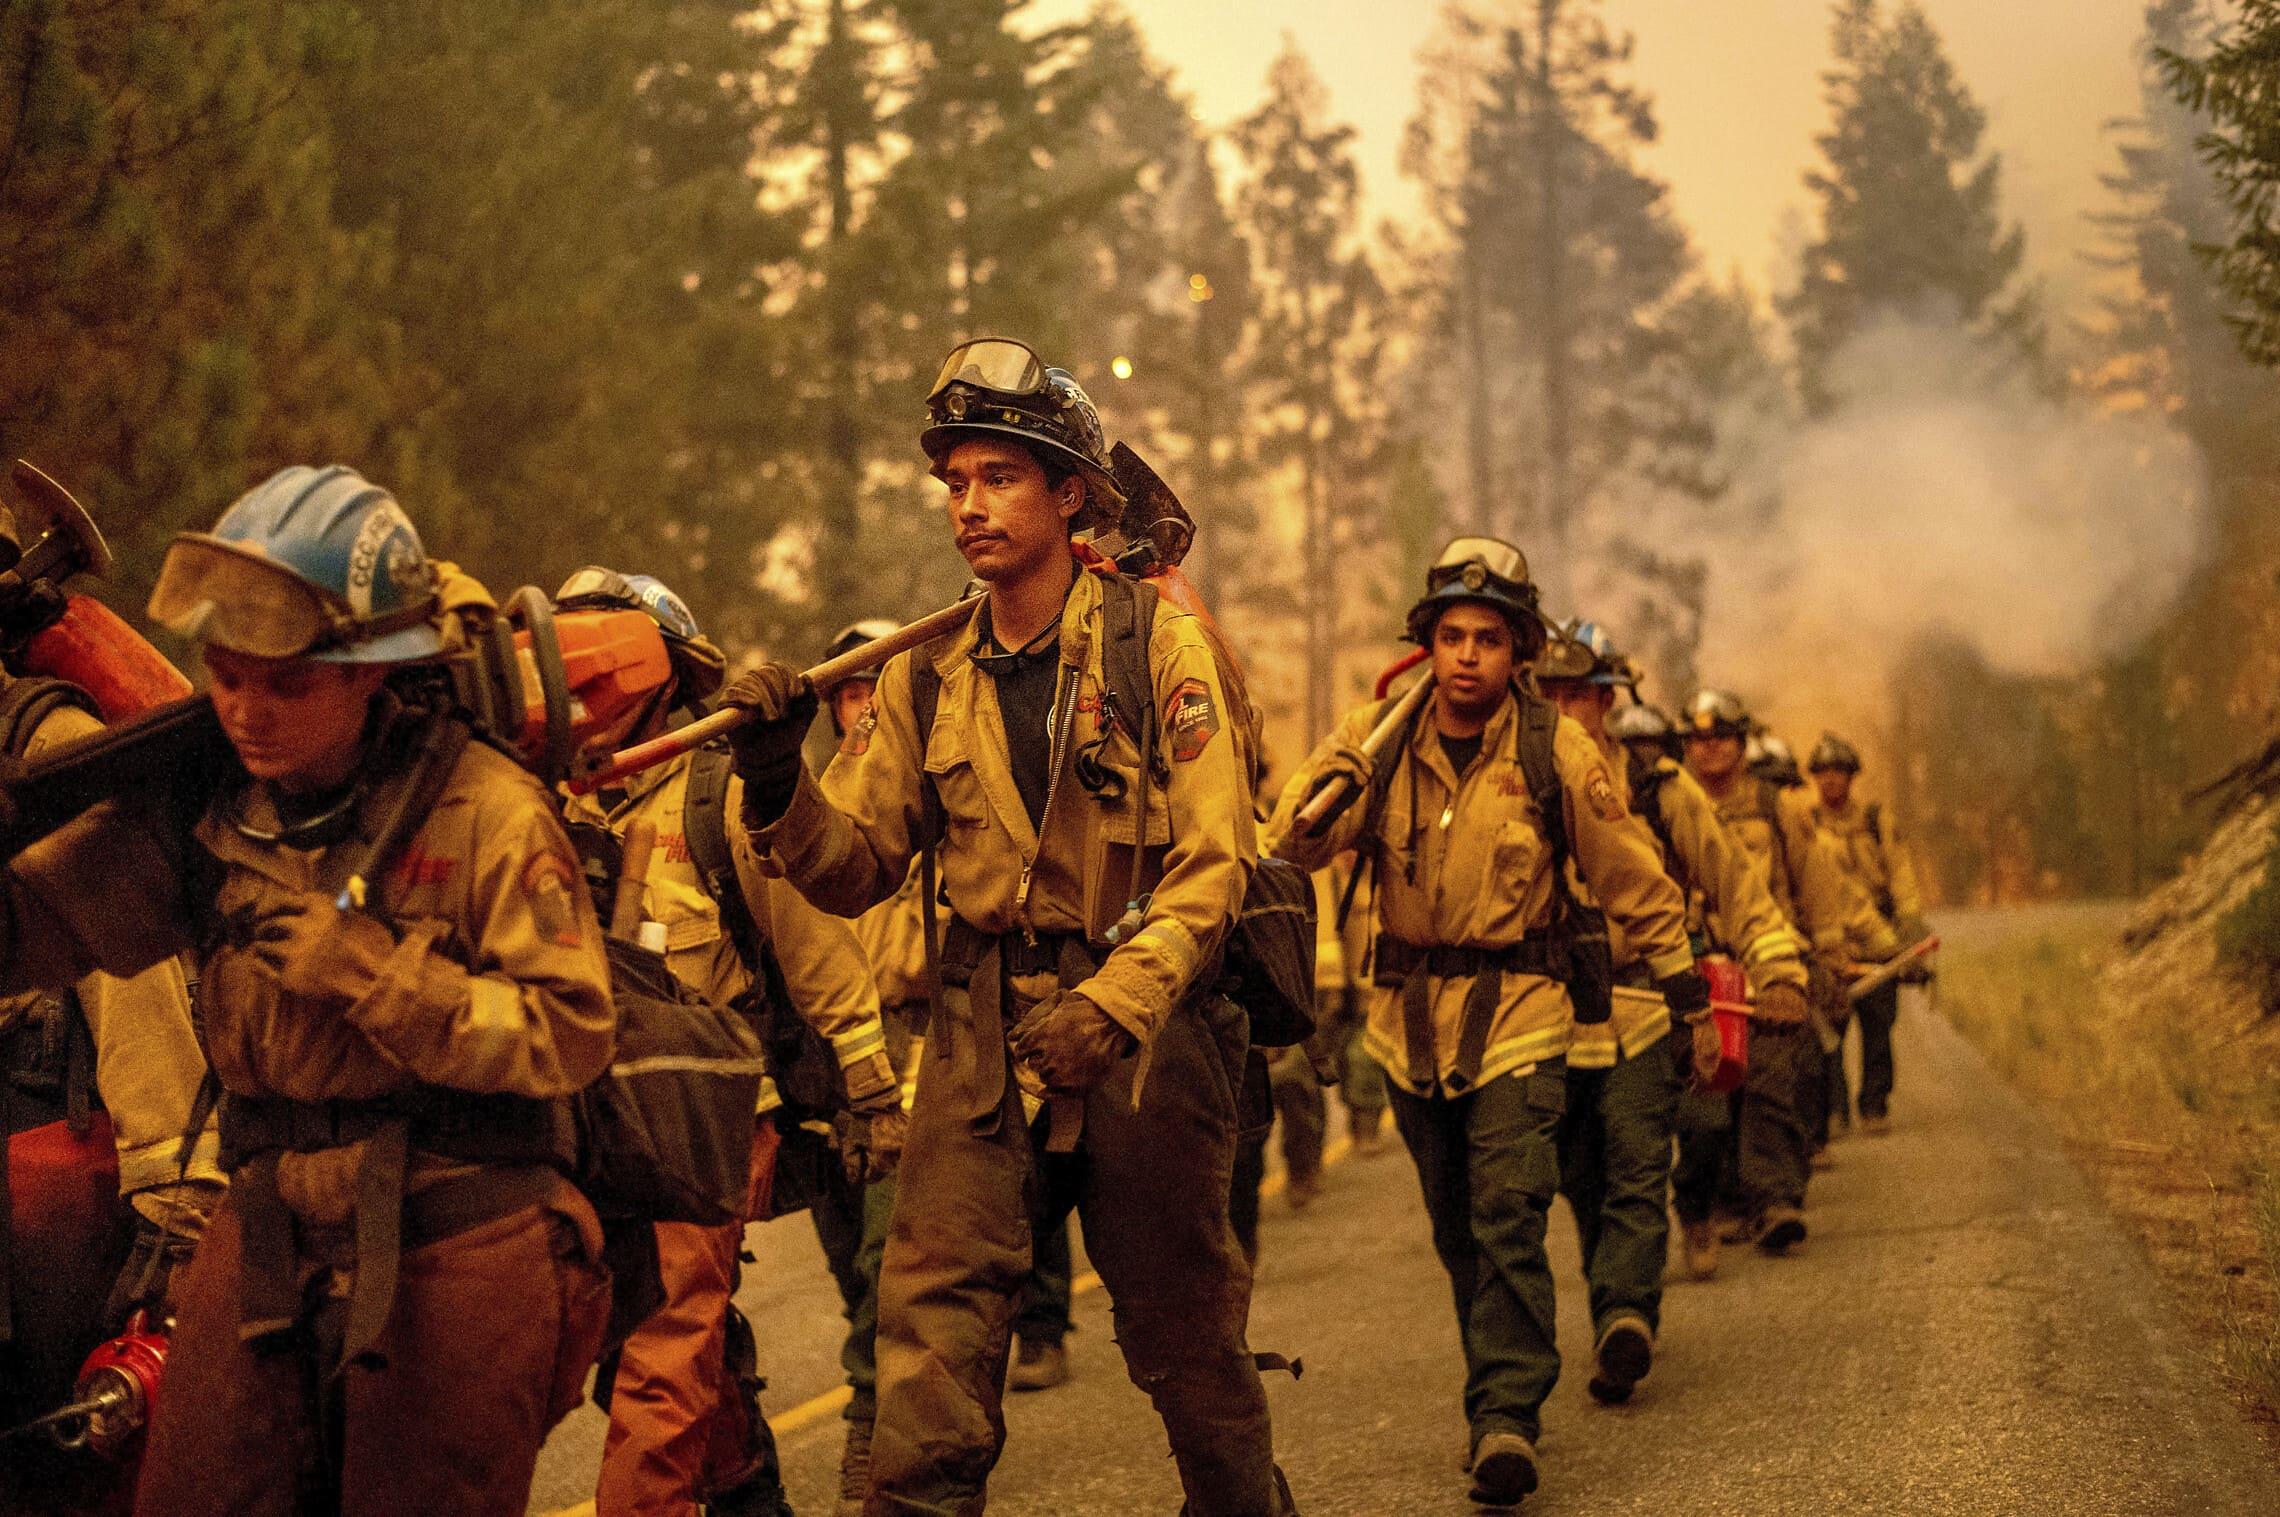 לוחמי אש בקליפורניה במהלך גל השרפות שם ביולי 2021 (צילום: AP Photo/Noah Berger)